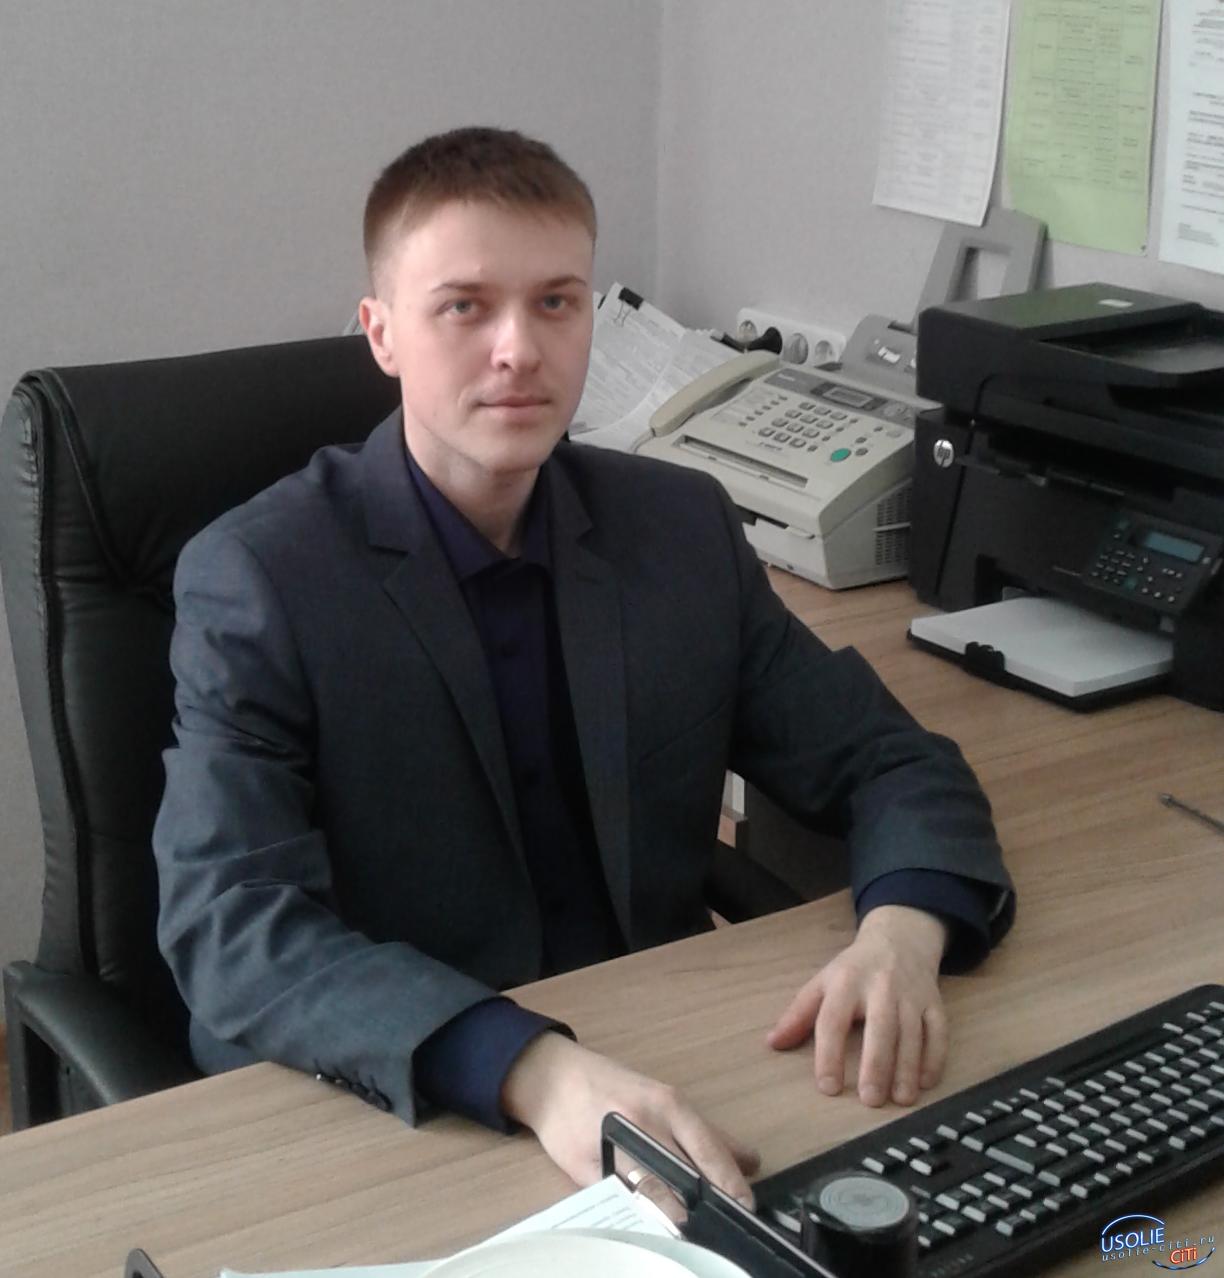 Кирилл Краснобаев: Усольчане, будьте бдительны при покупке саженцев